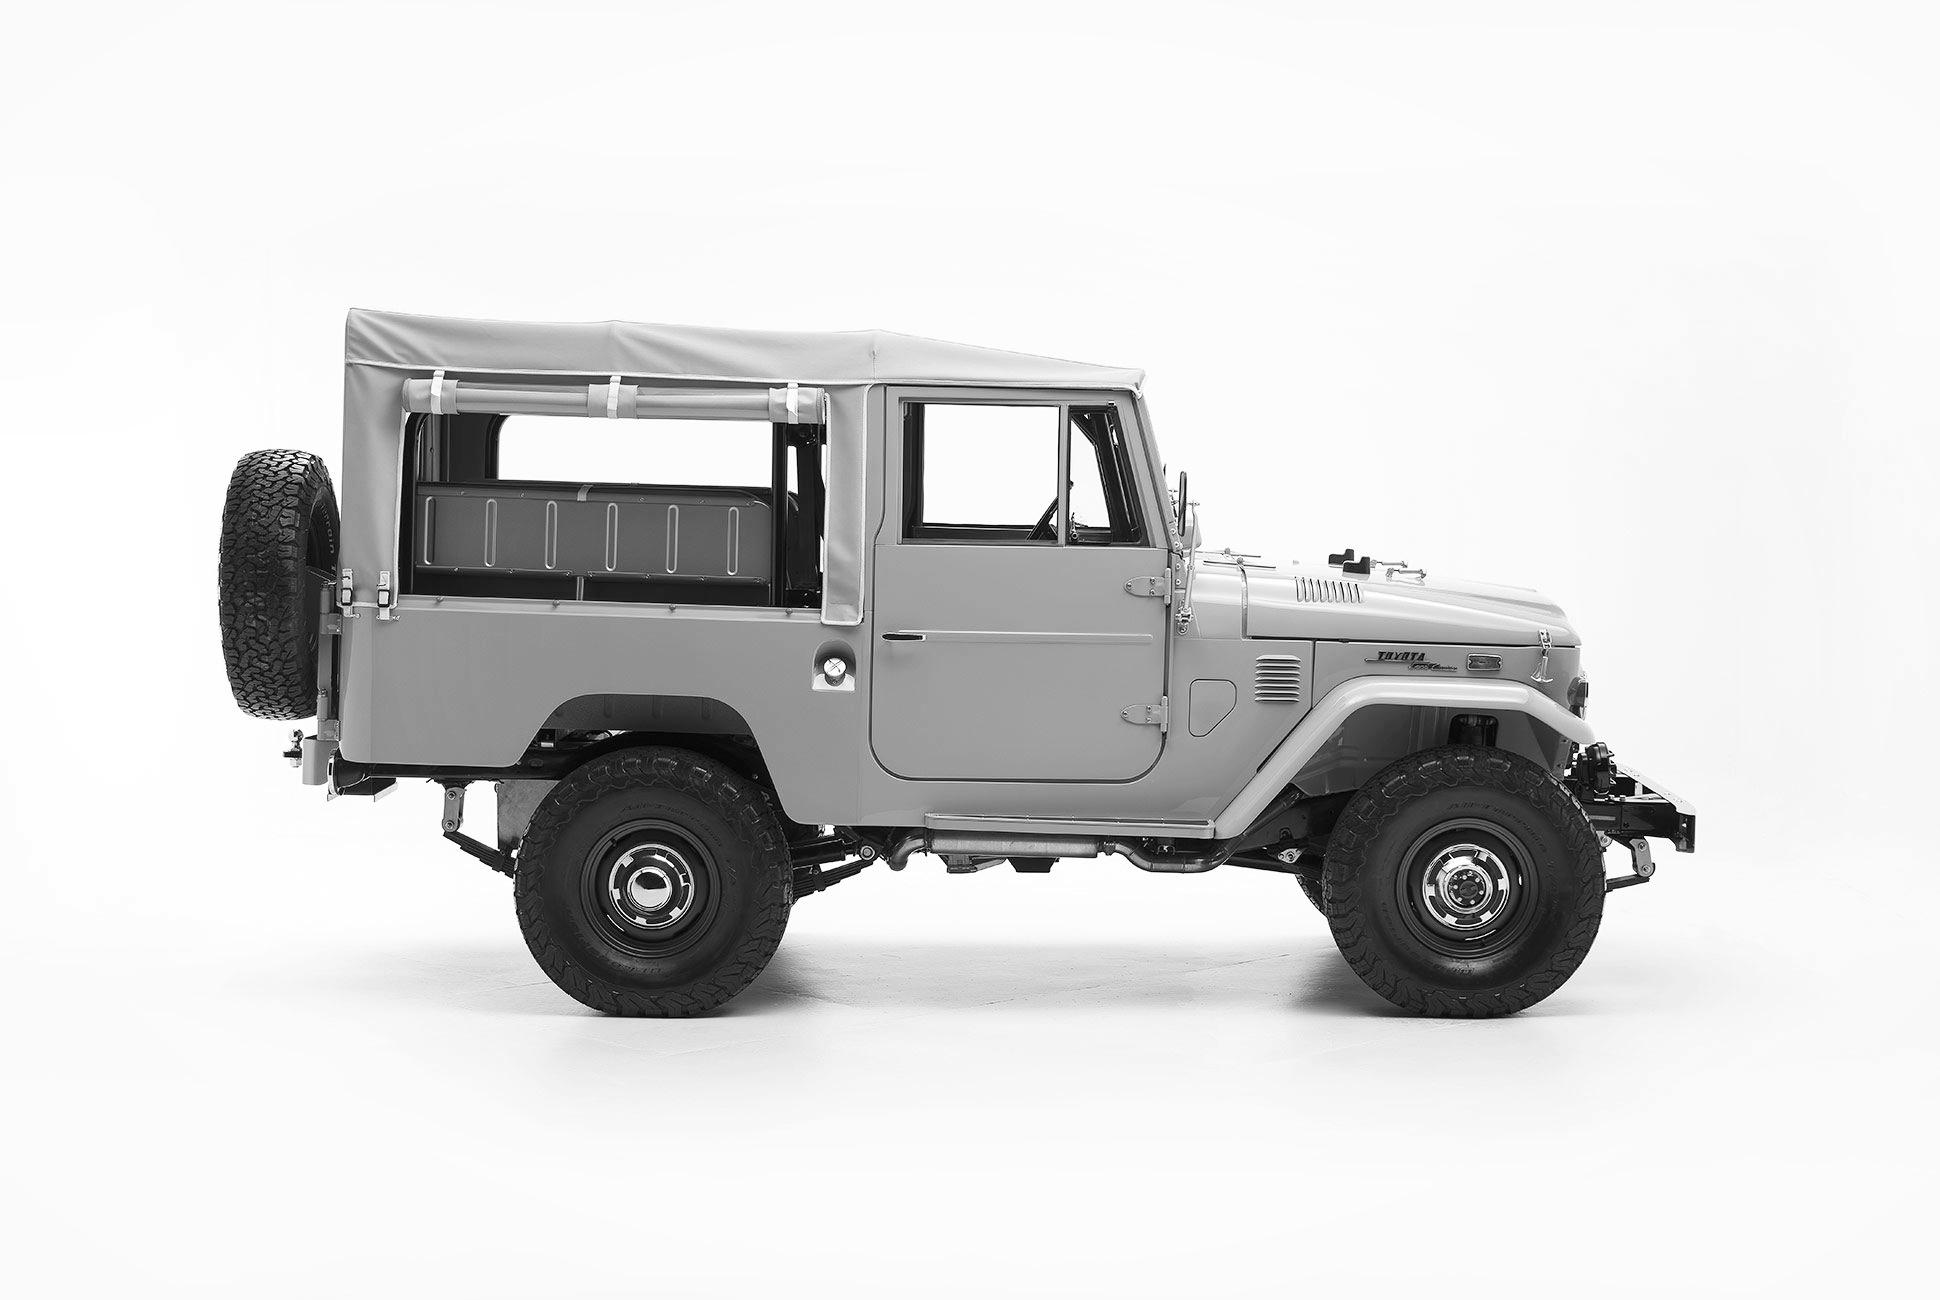 FJ-Company-Sport-gear-patrol-2-1940x1300.jpg